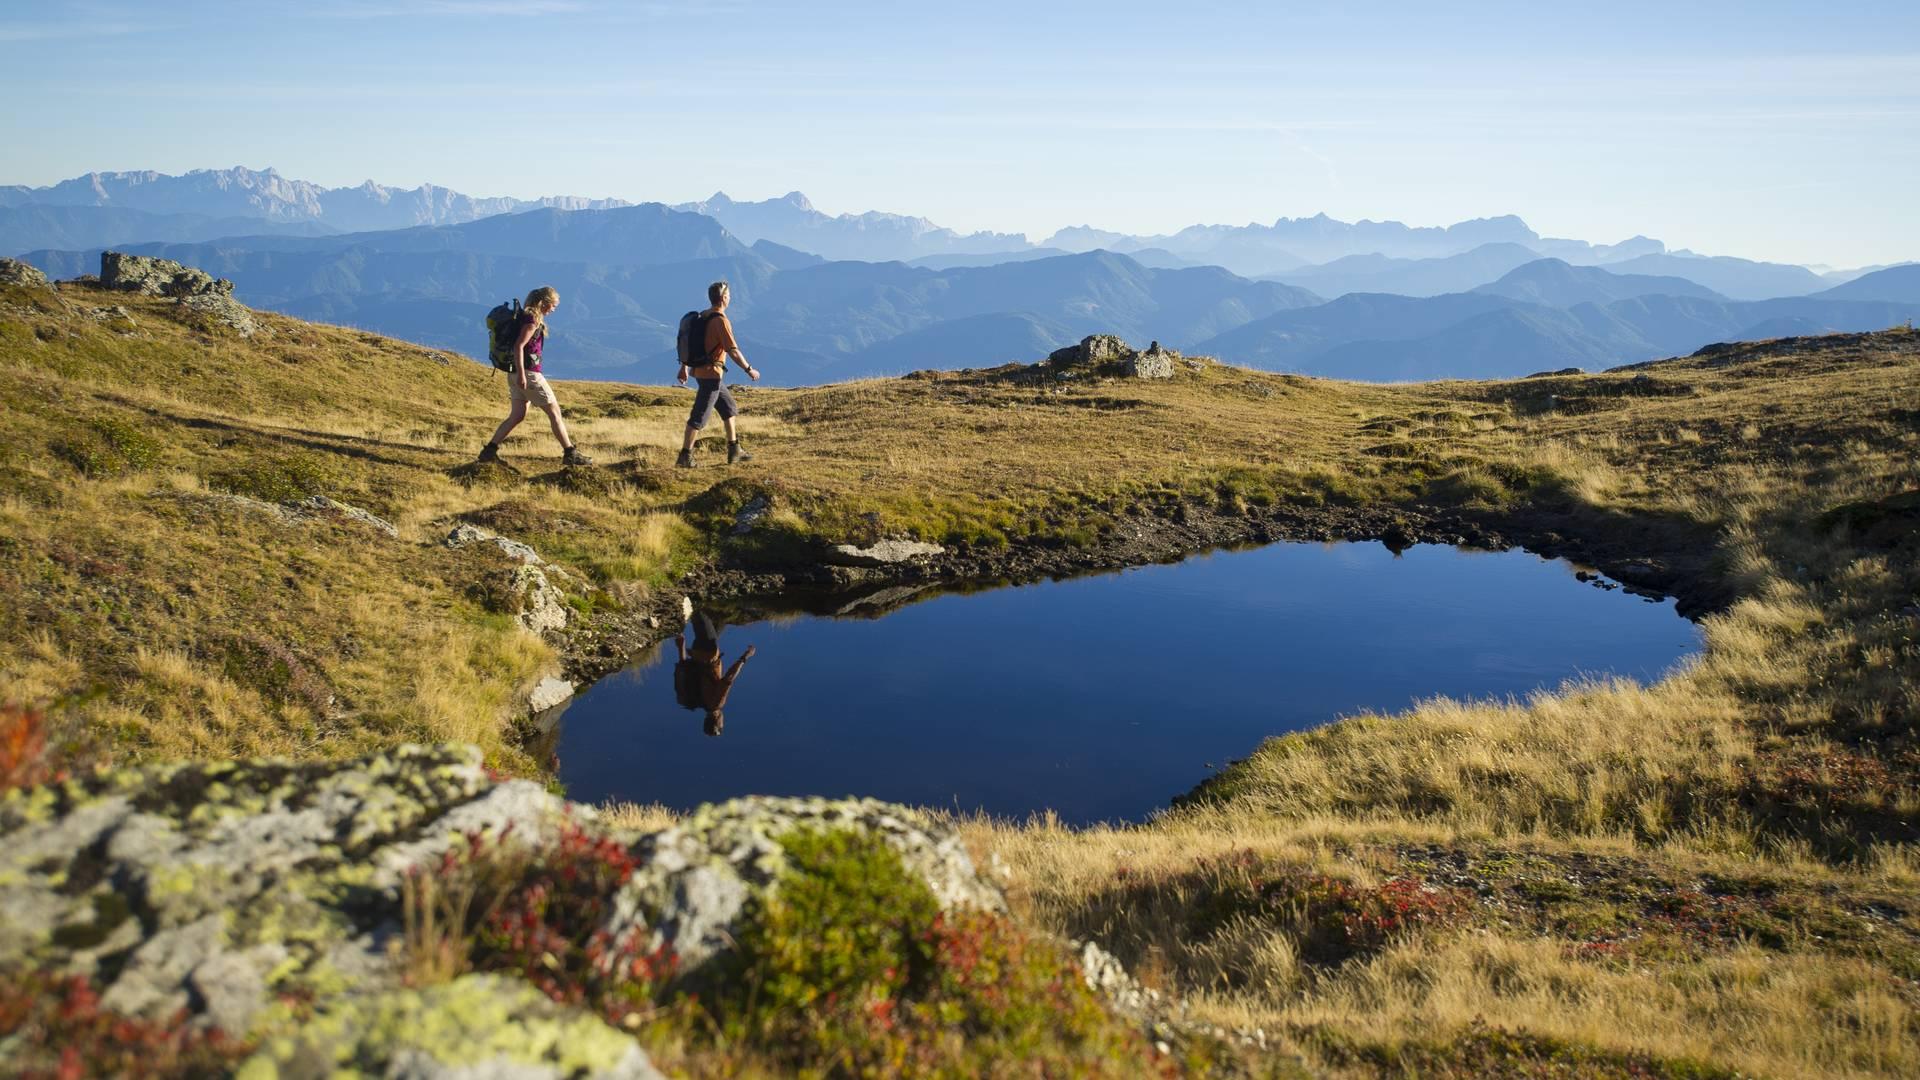 Genusswanderung am Alpe Adria Trail in der Region Millstaetter See